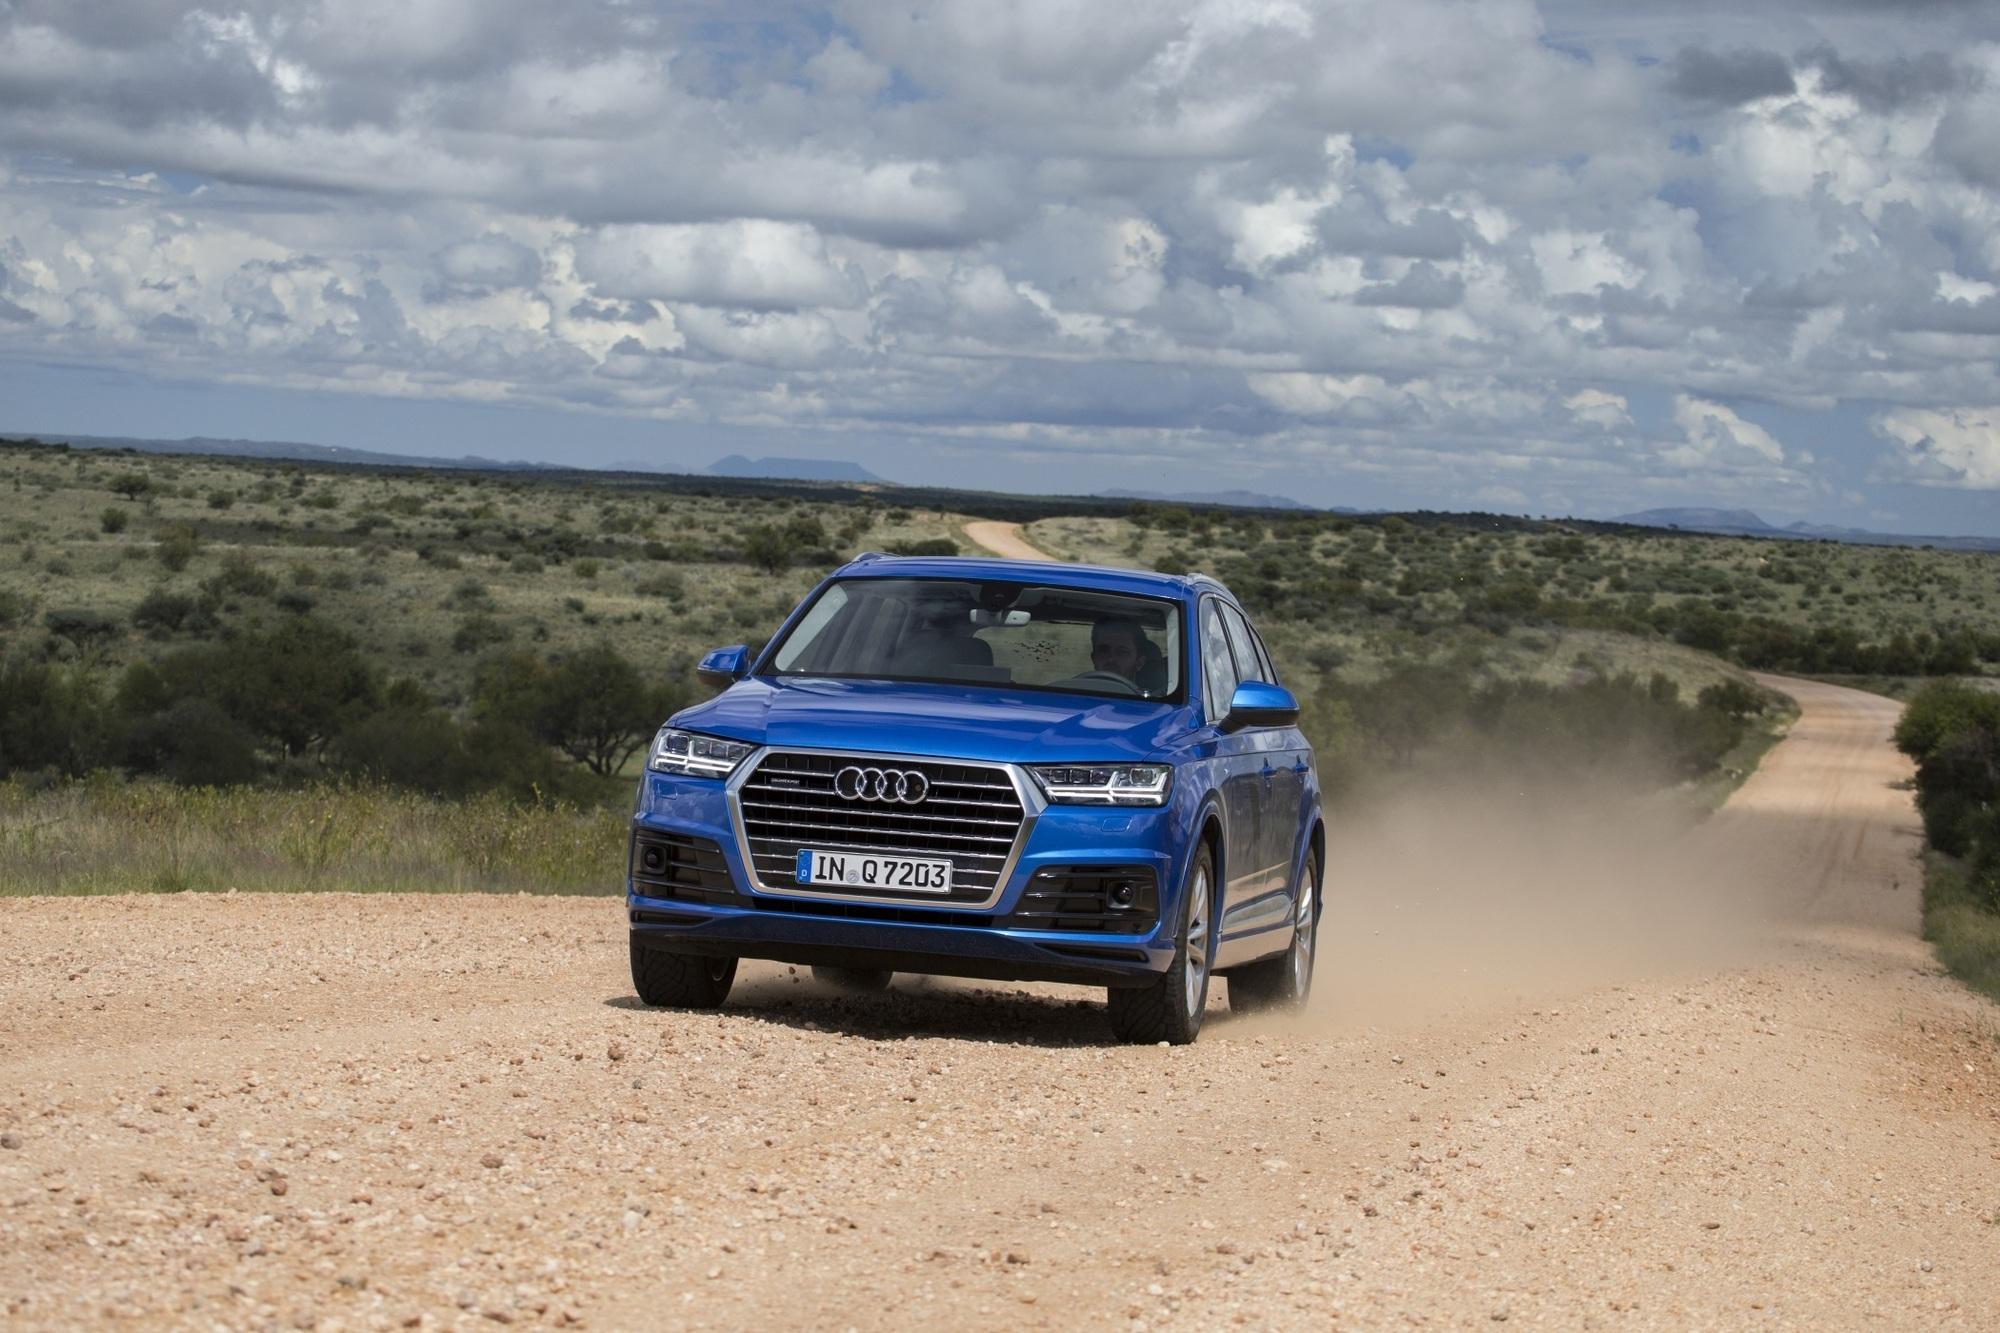 Erste Fahrt im Audi Q7 - Schwergewicht auf leichtem Fuß